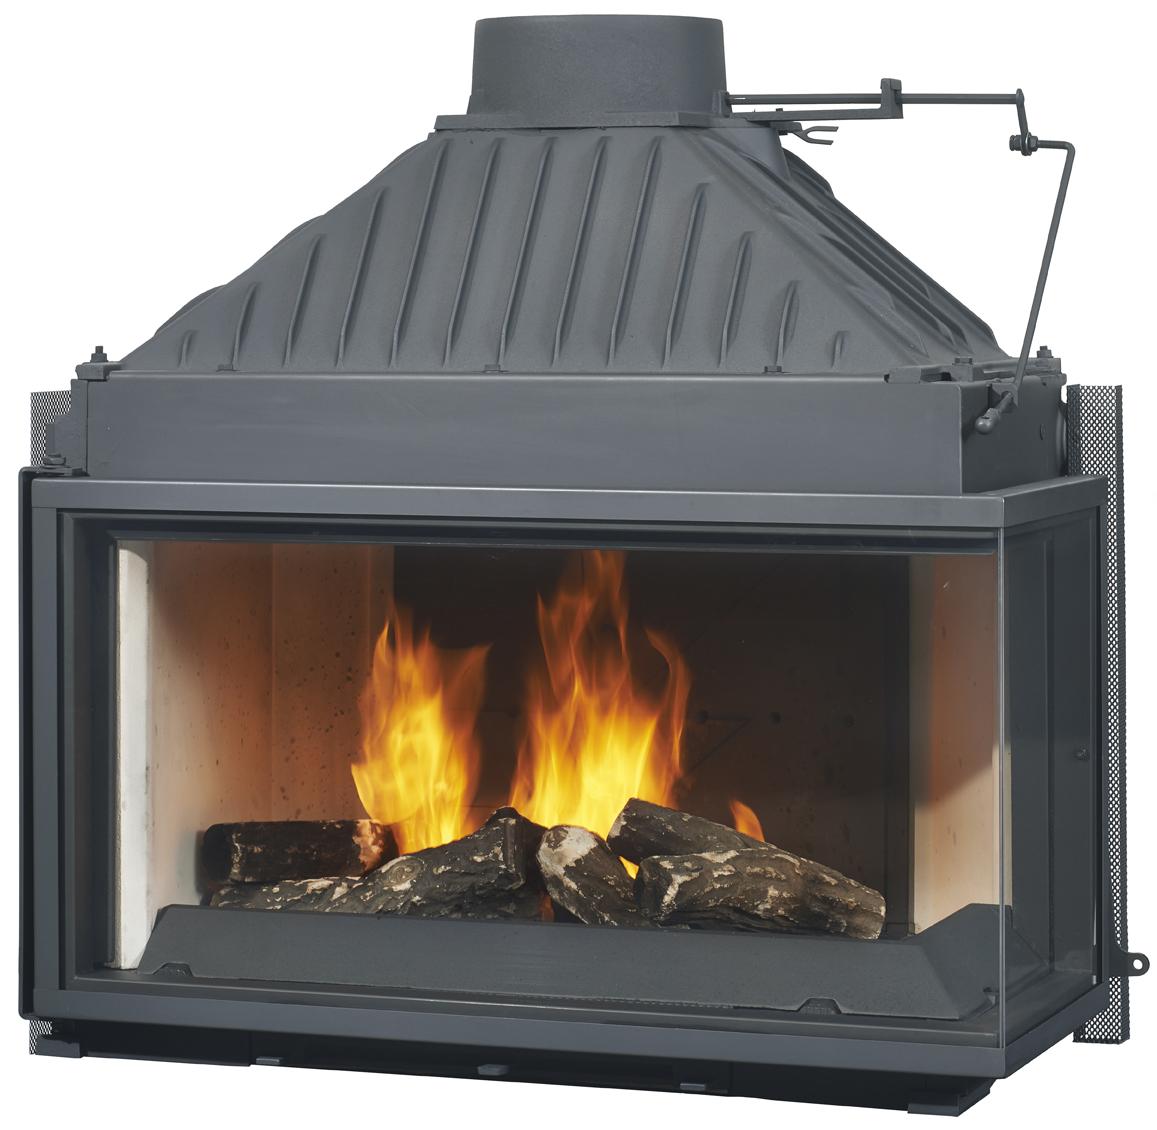 Chemin\u00e9es Philippe Radiante 873 2V Wood Fire \u2013 Corner View \u2013 Gold Coast Fireplace and BBQ Super ...